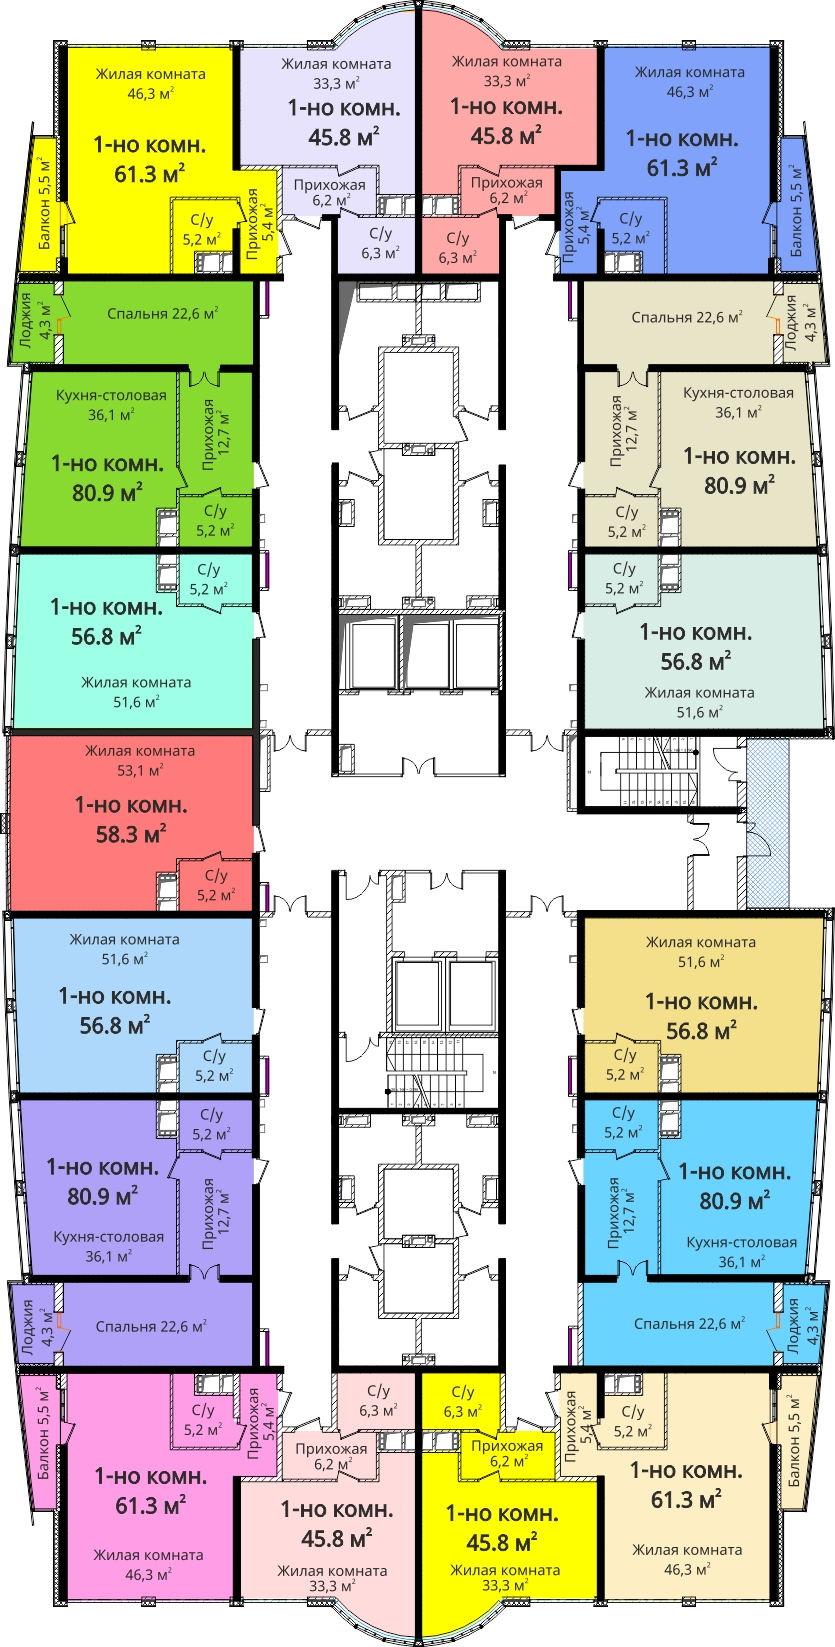 ЖК Новый берег / План 4-8 этажей